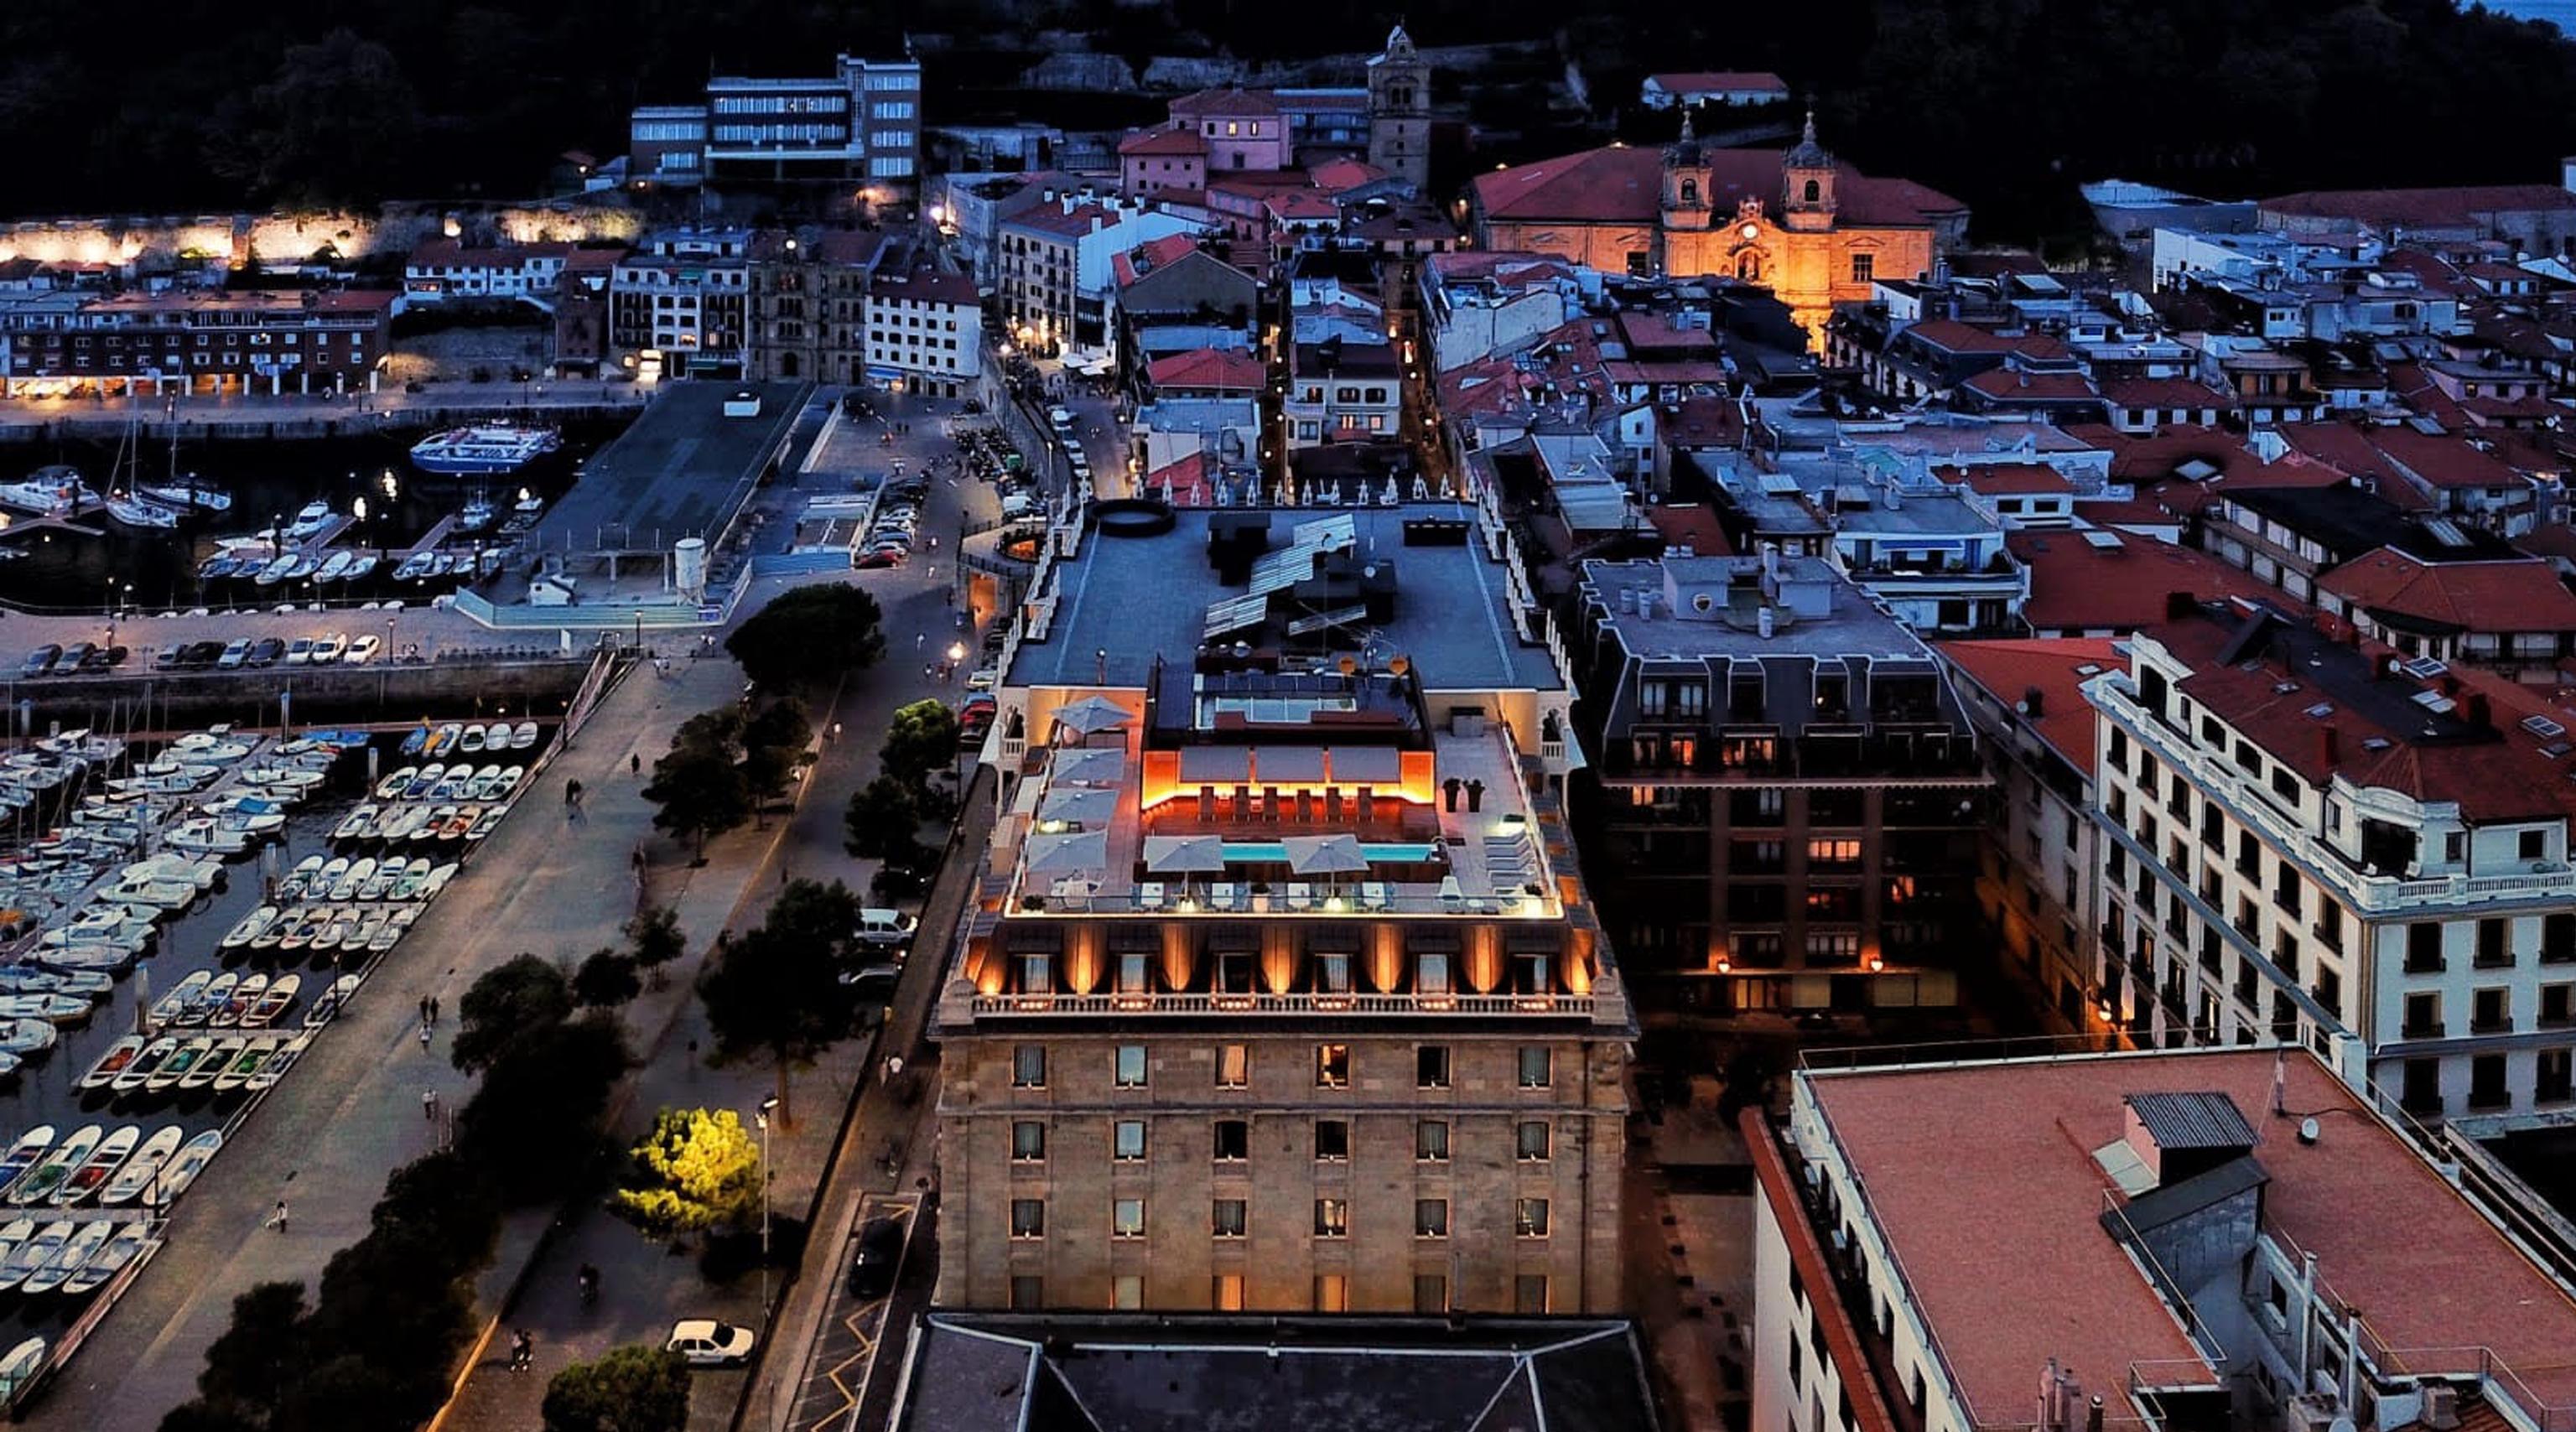 Lasala Plaza Hotel zU-studio architecture Joaquin Zubiria Top View 01